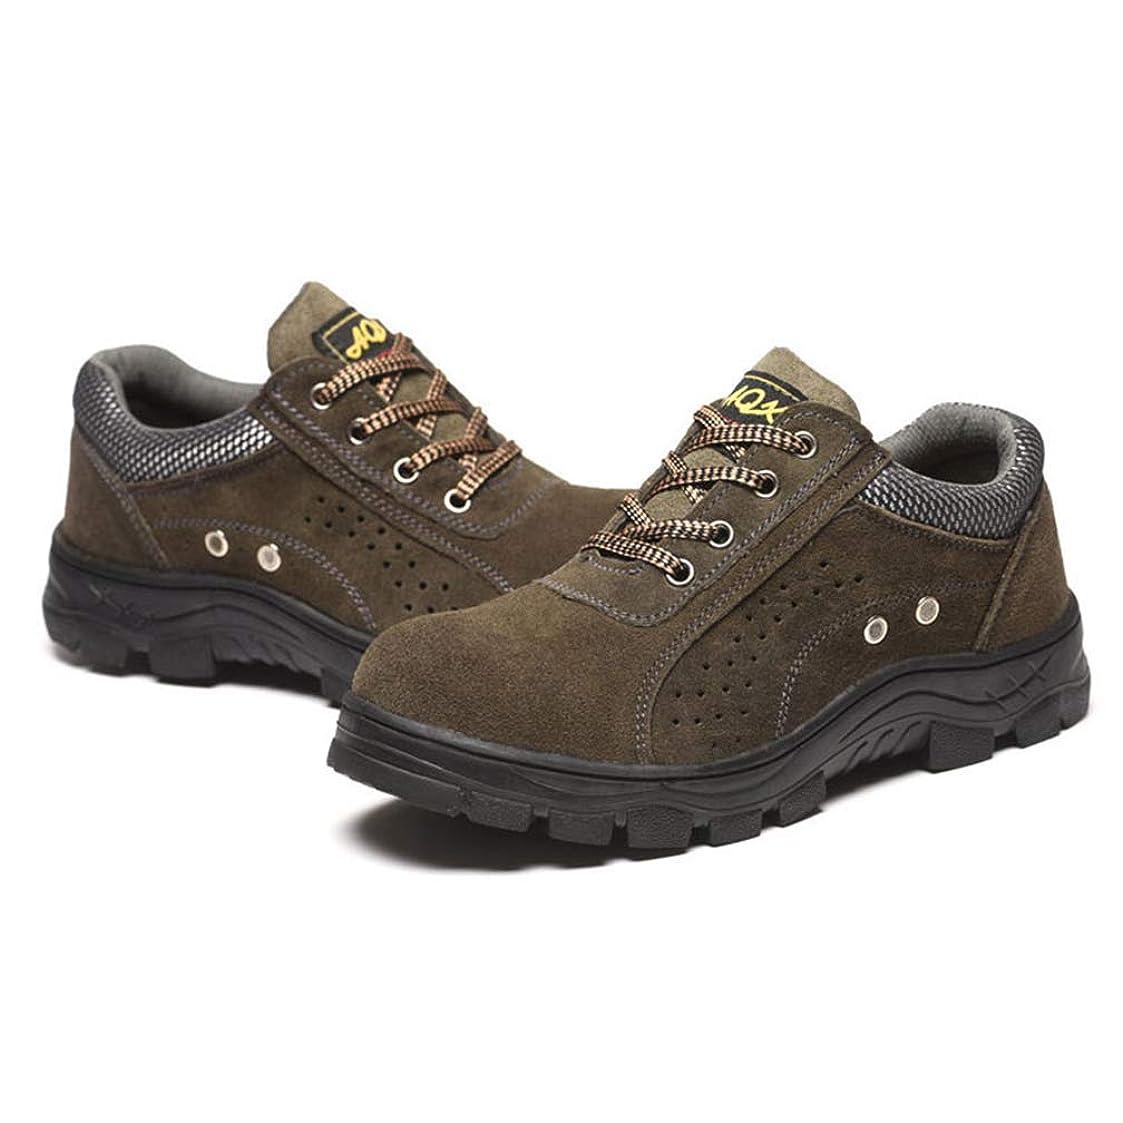 強要液体メイト作業靴 安全靴 短靴 メンズ ワークシューズ 鋼先芯入 つま先保護 通気 衝撃吸収 耐摩耗 防刺 耐滑 防臭 大きいサイズ カーキ グリーン